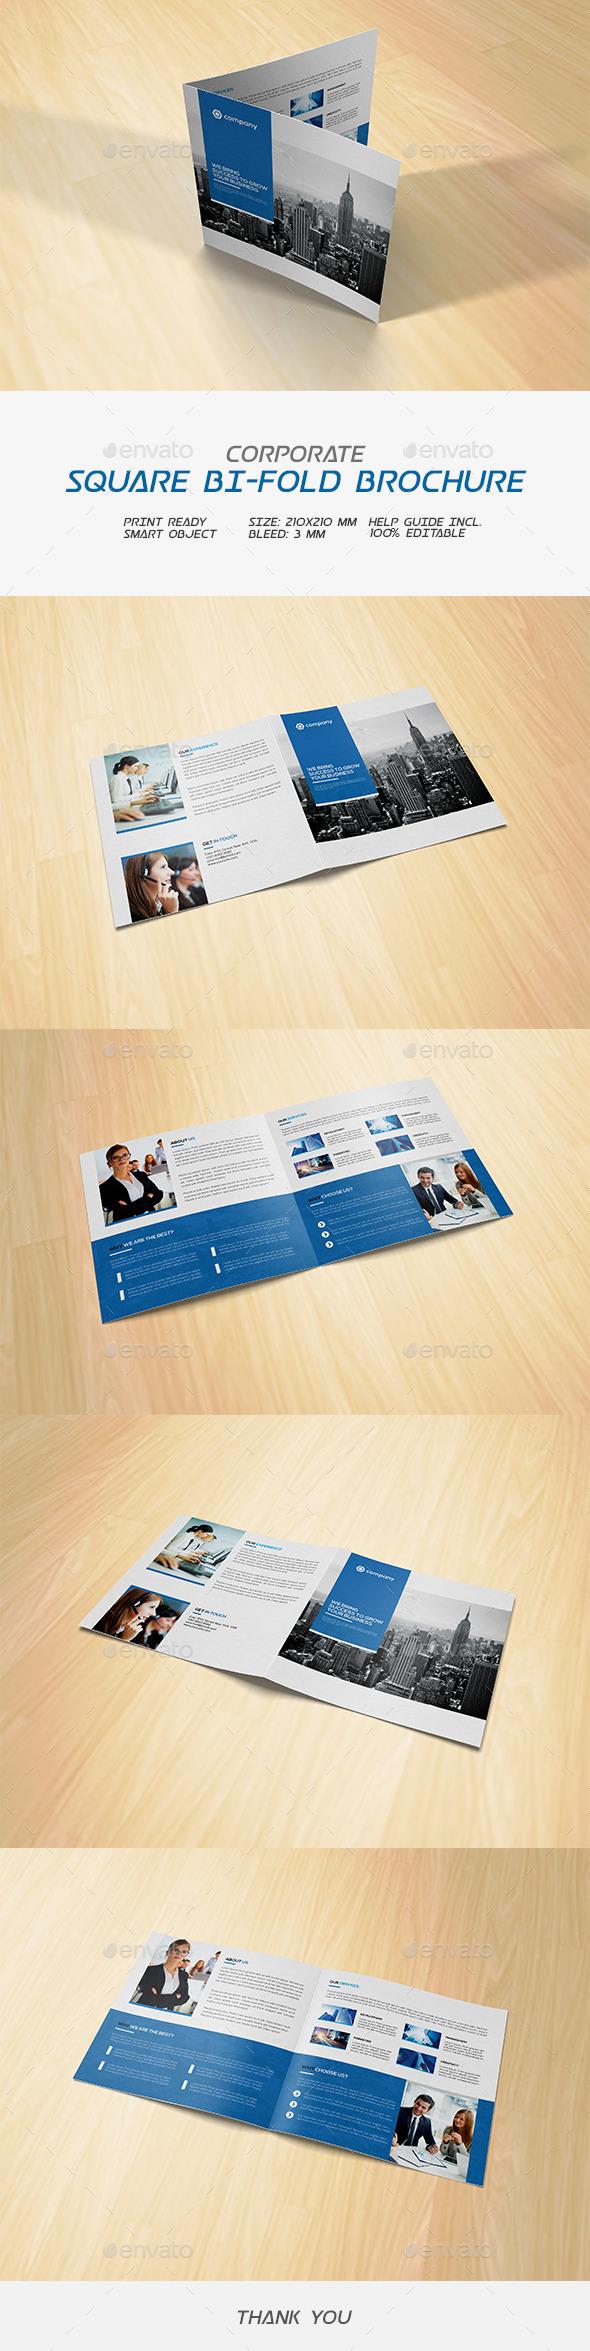 Square Corporate Bifold Brochure